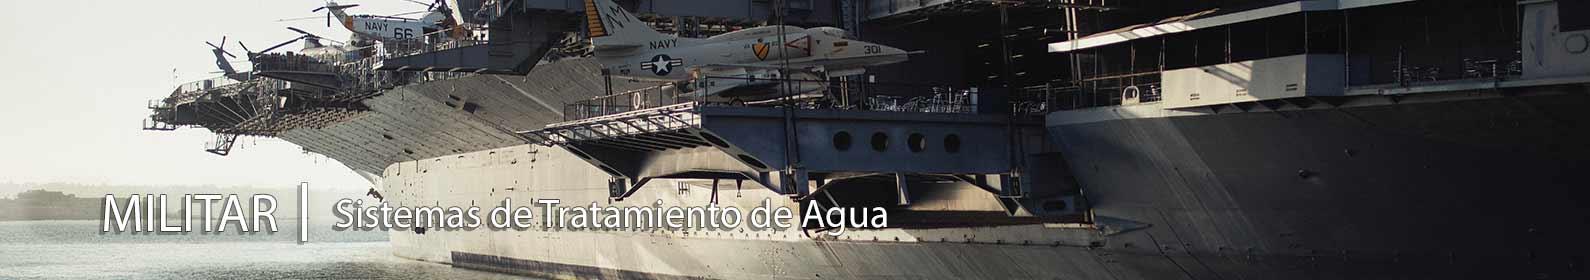 sistemas-de-tratamiento-de-agua-militar..jpg